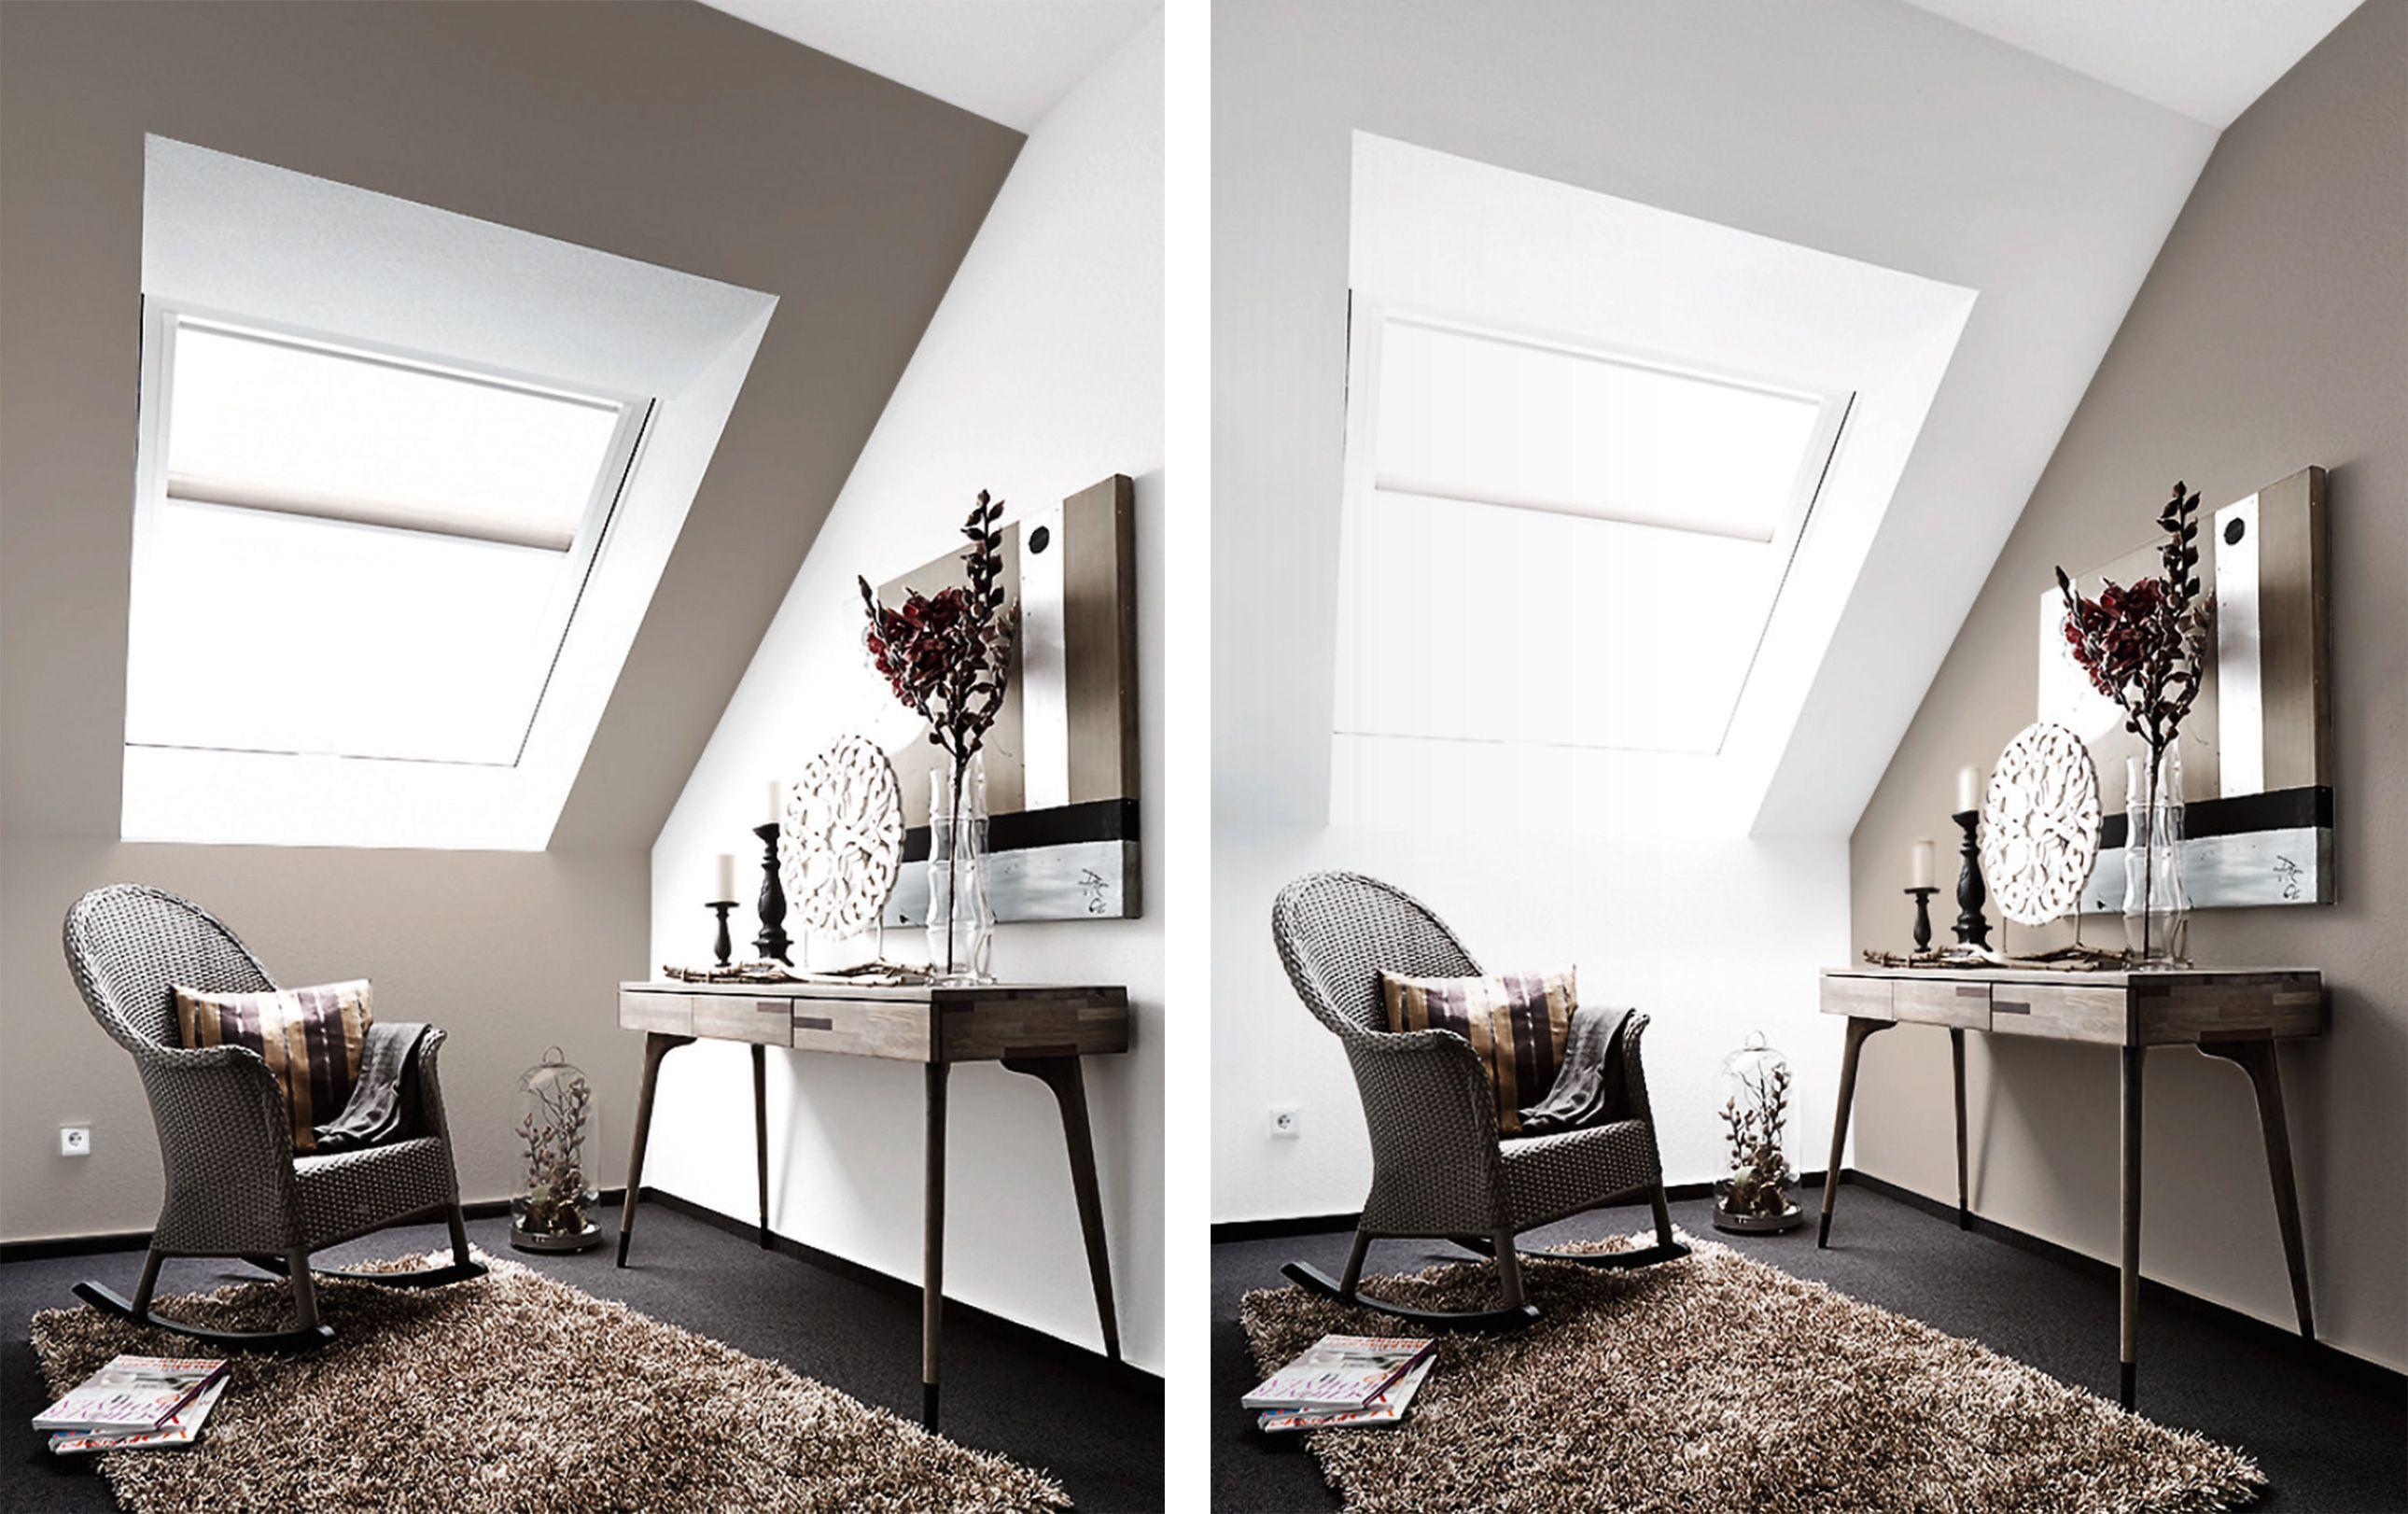 Schlafzimmer Dachschr臠e Farblich Gestalten